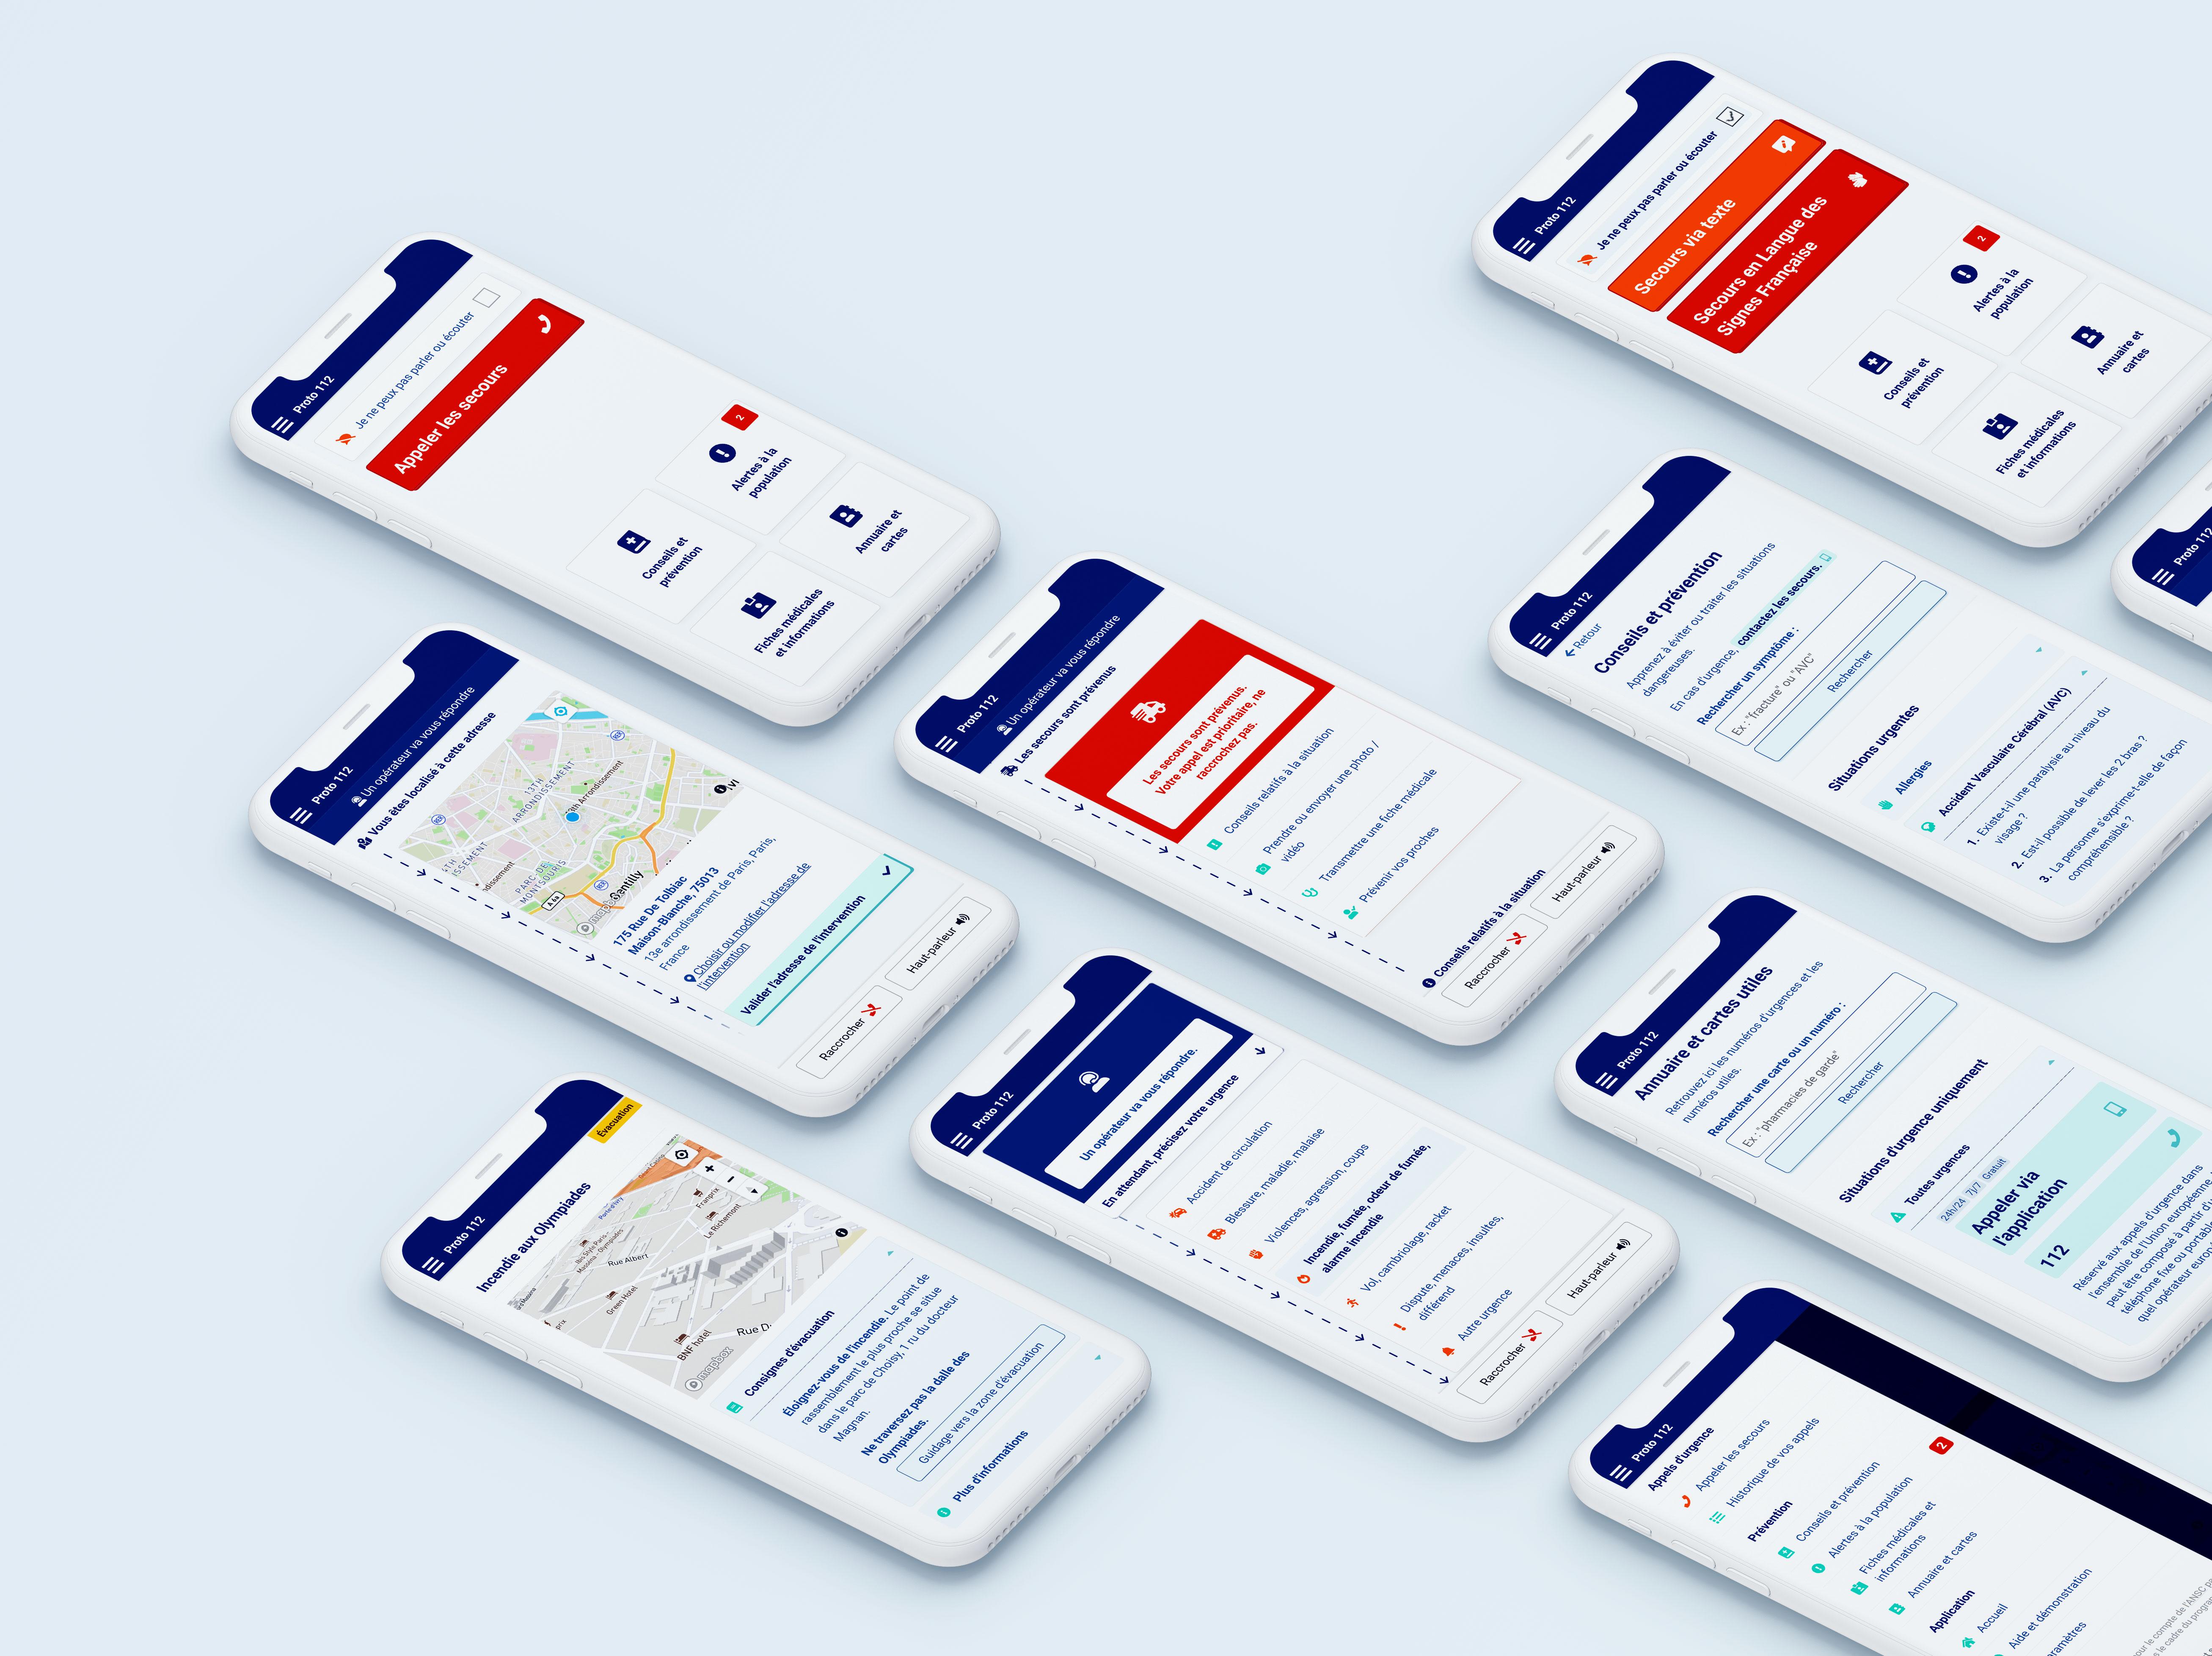 Plusieurs écrans du prototype d'application 112 présenté dans des téléphones